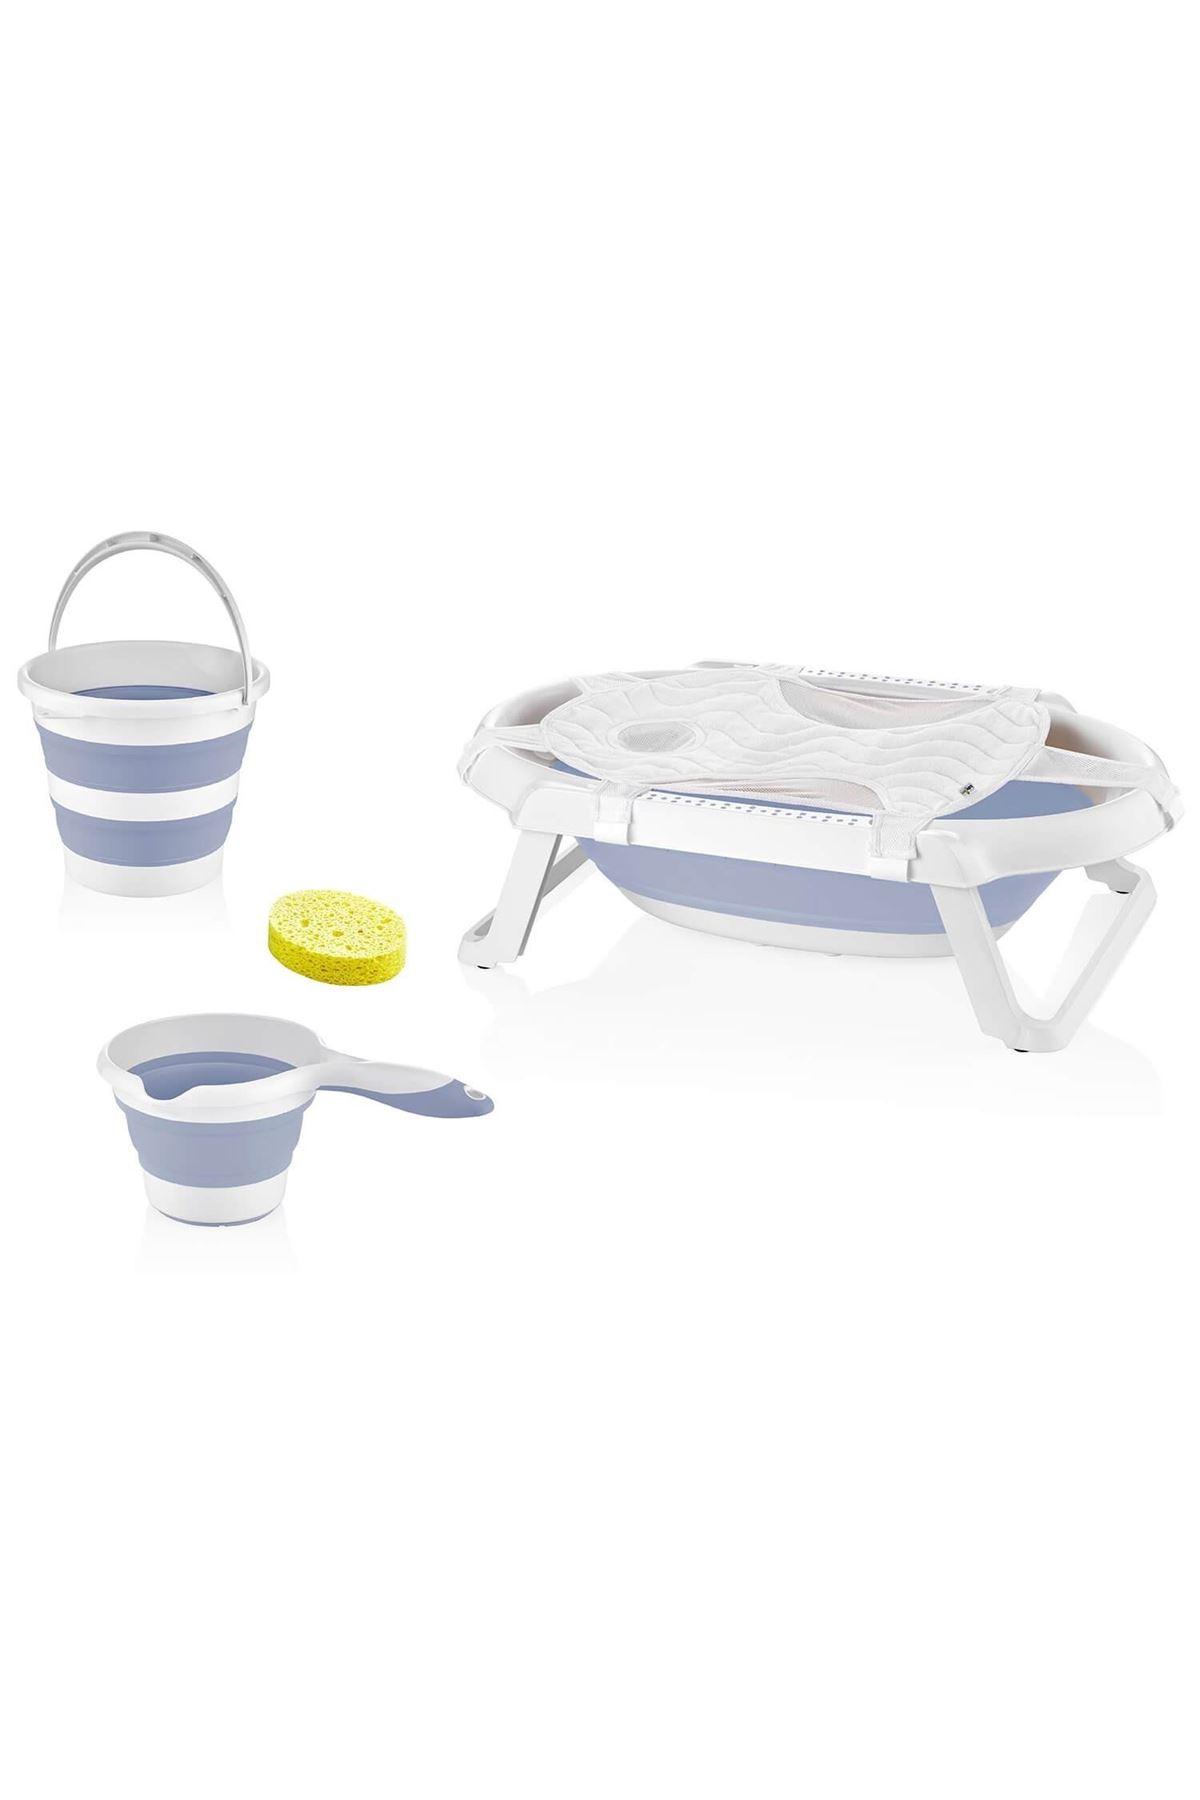 BabyJem Katlanabilen Bebek Banyo Küvet Seti 596 Mavi